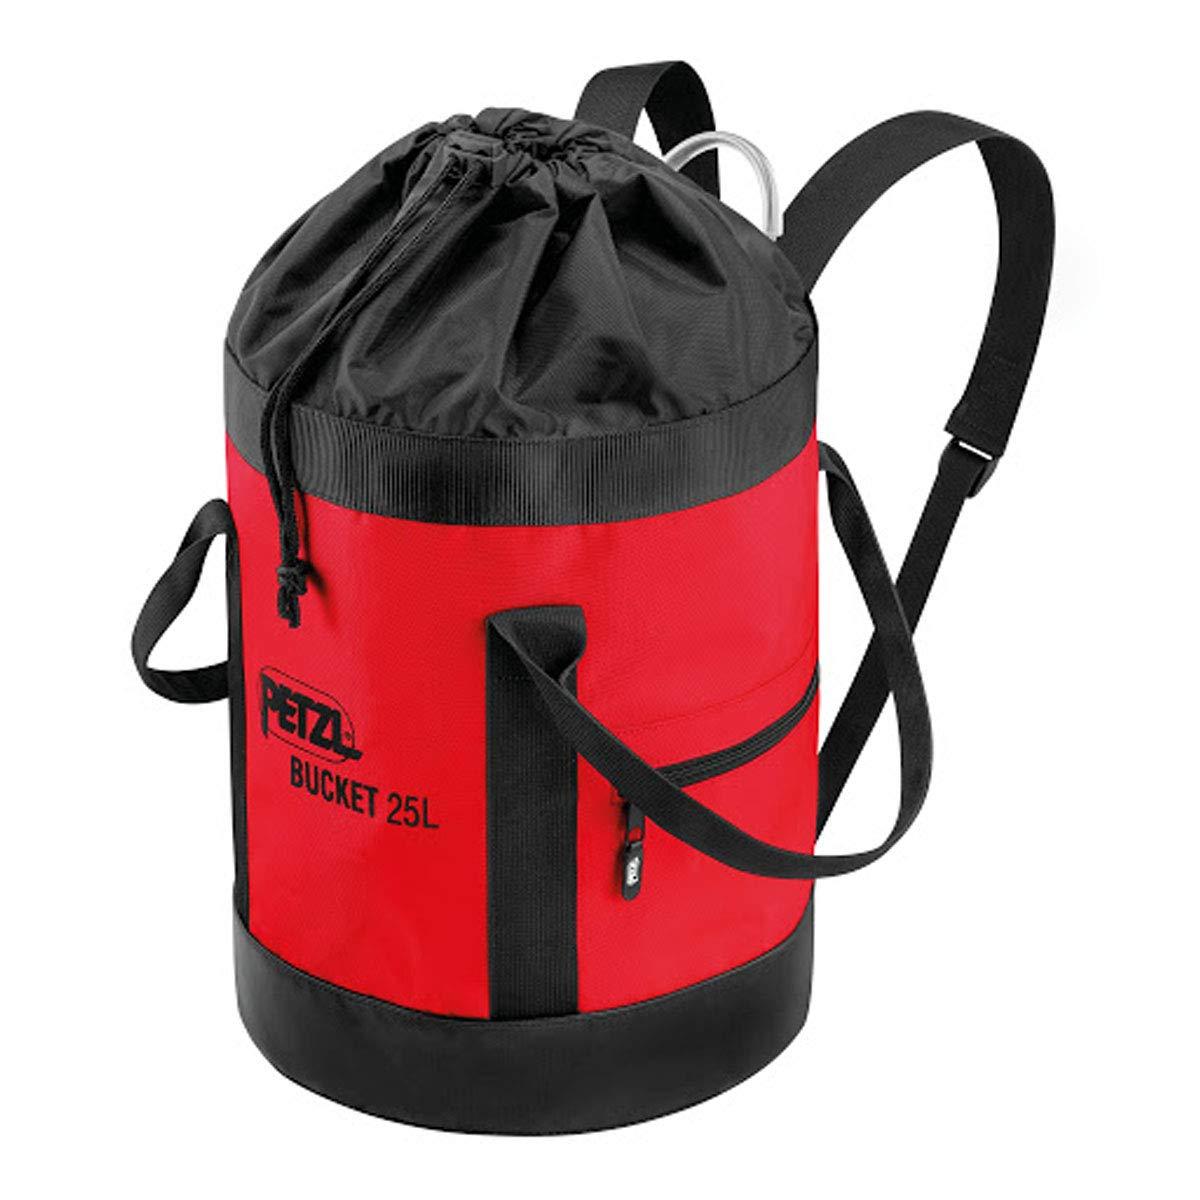 Amazon.com: PETZL - Cubo para bolsa (25 L), color rojo ...